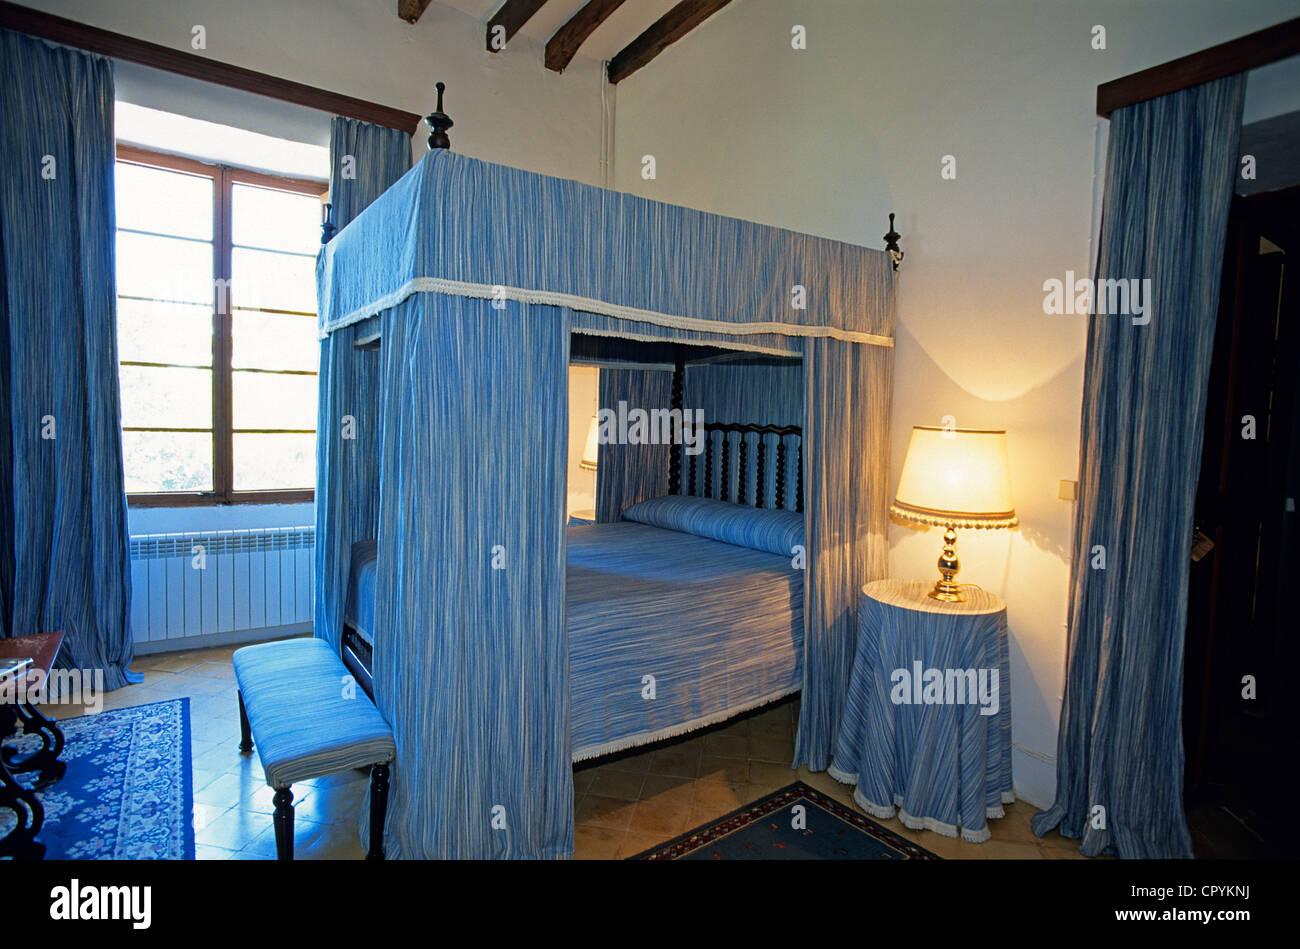 Dormitorios Mallorca.Espana Islas Baleares Mallorca Inca Cama Con Dosel Mallorquina